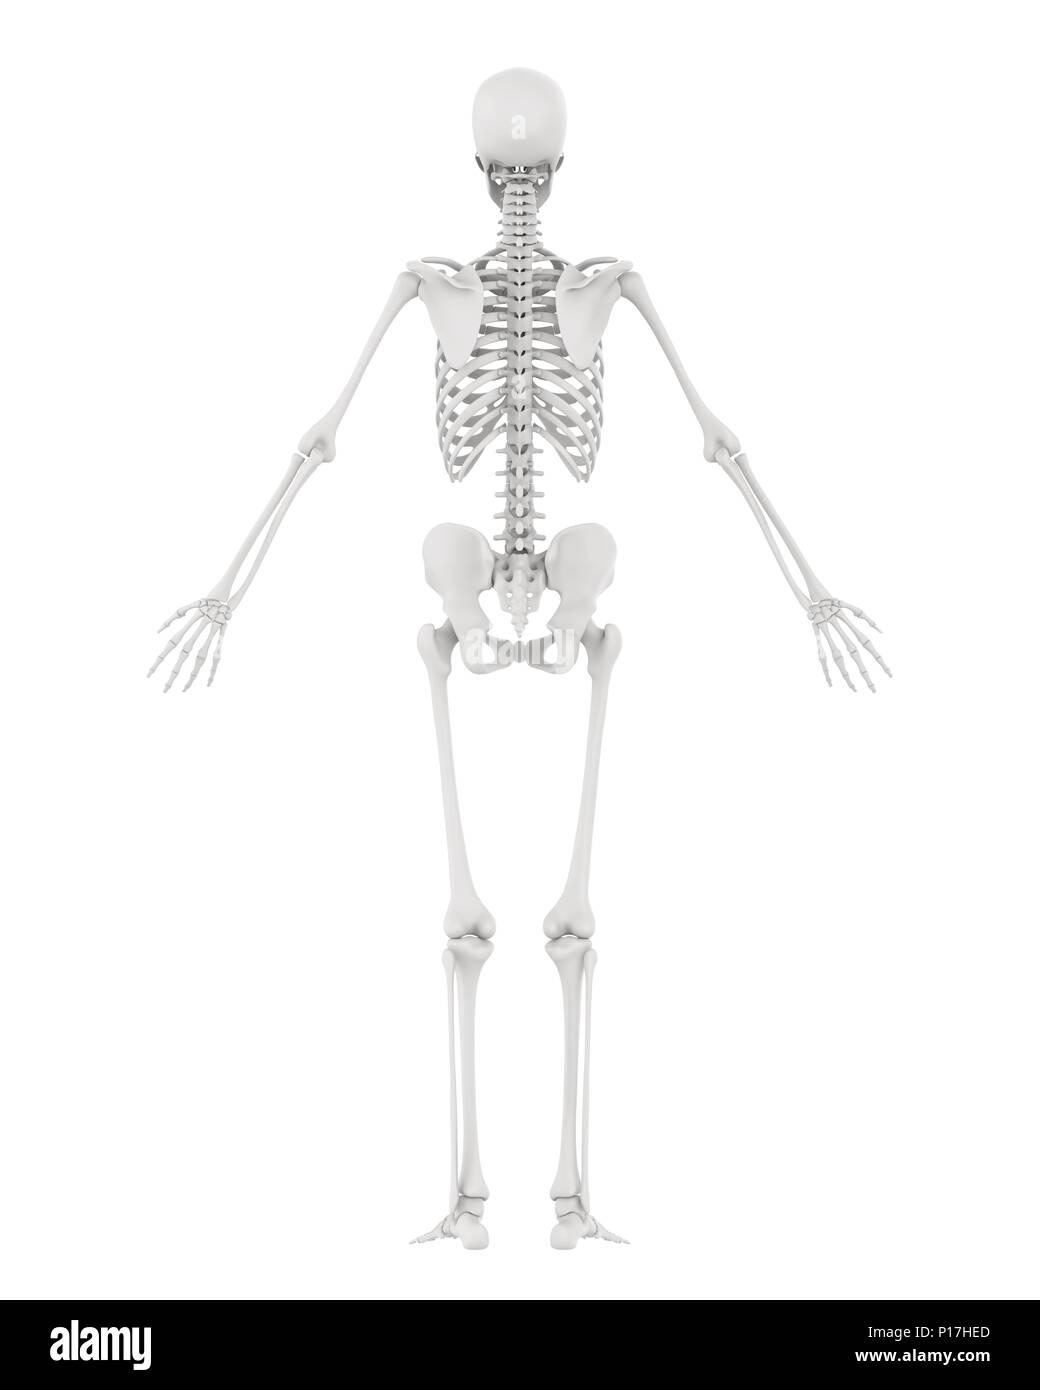 Human Skeleton Biology Stock Photos Human Skeleton Biology Stock